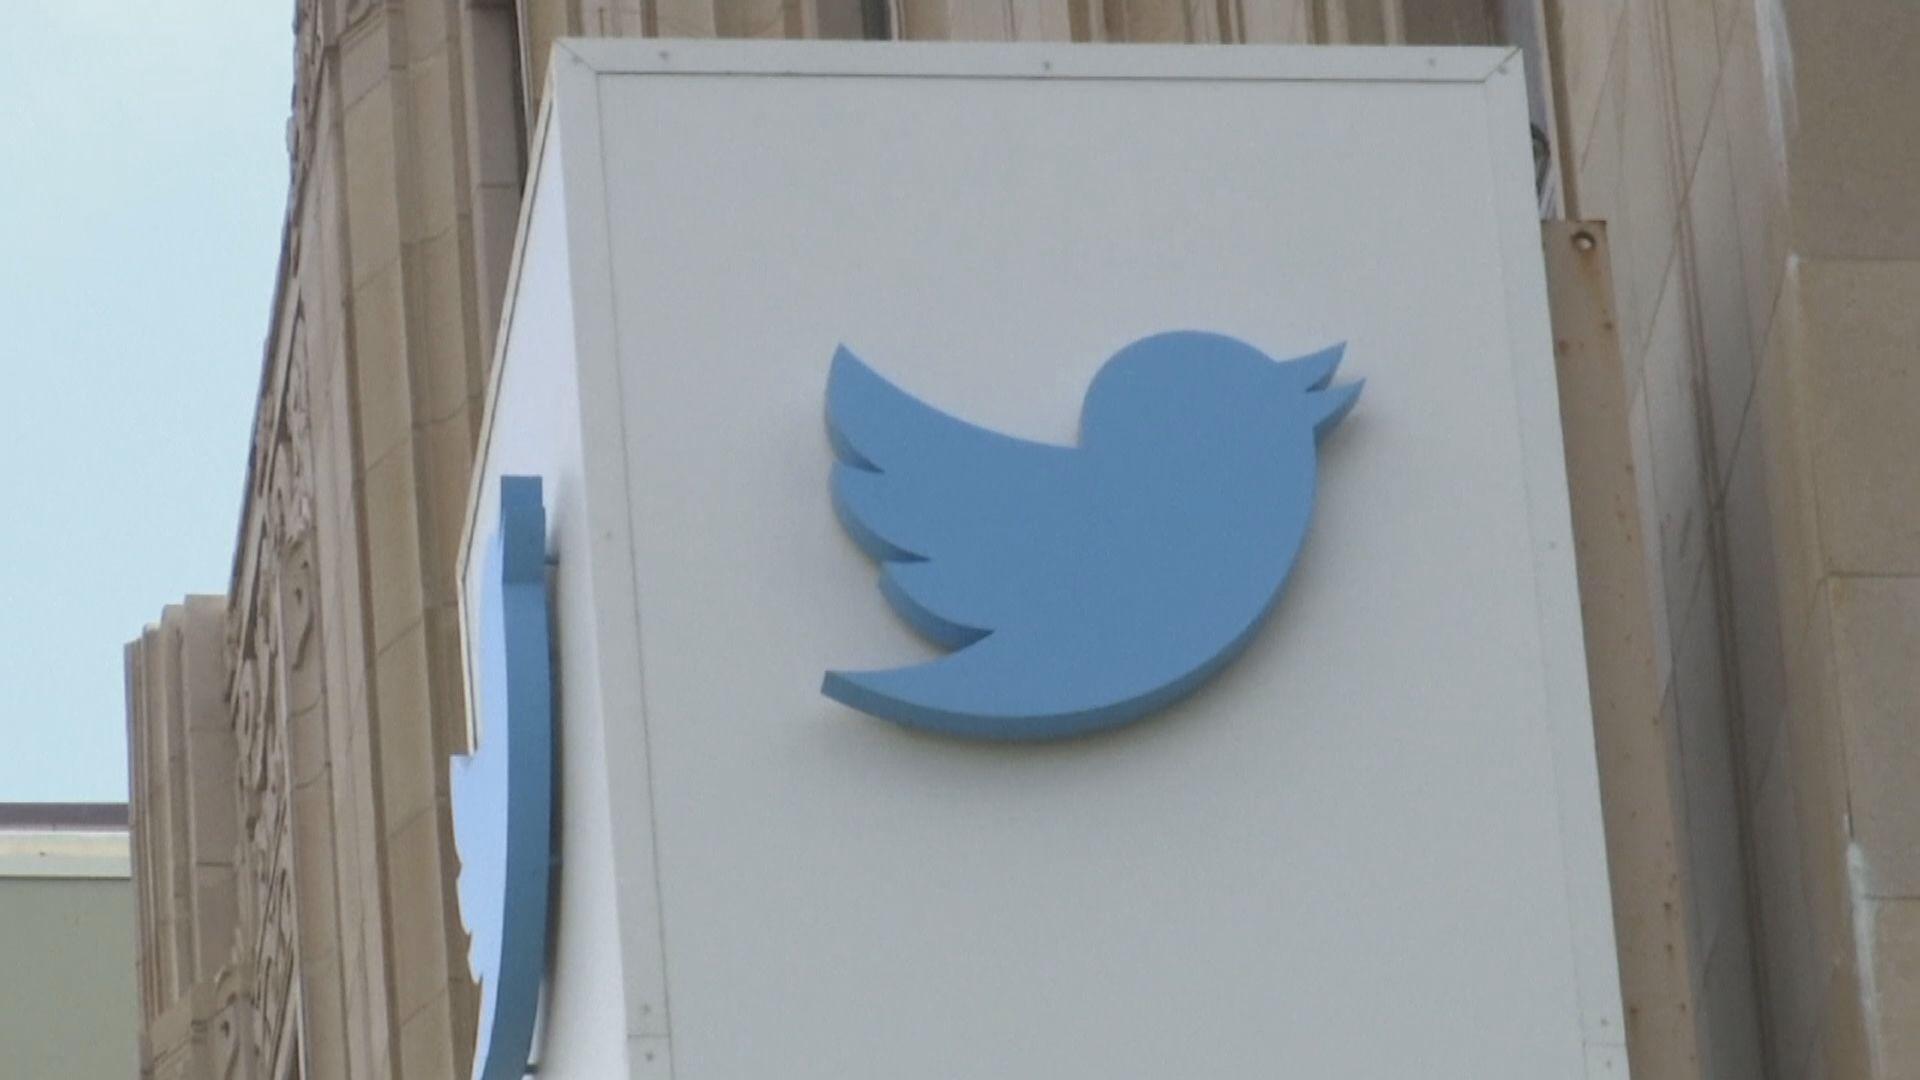 【環球薈報】Twitter稱各國政府刪帖要求大增